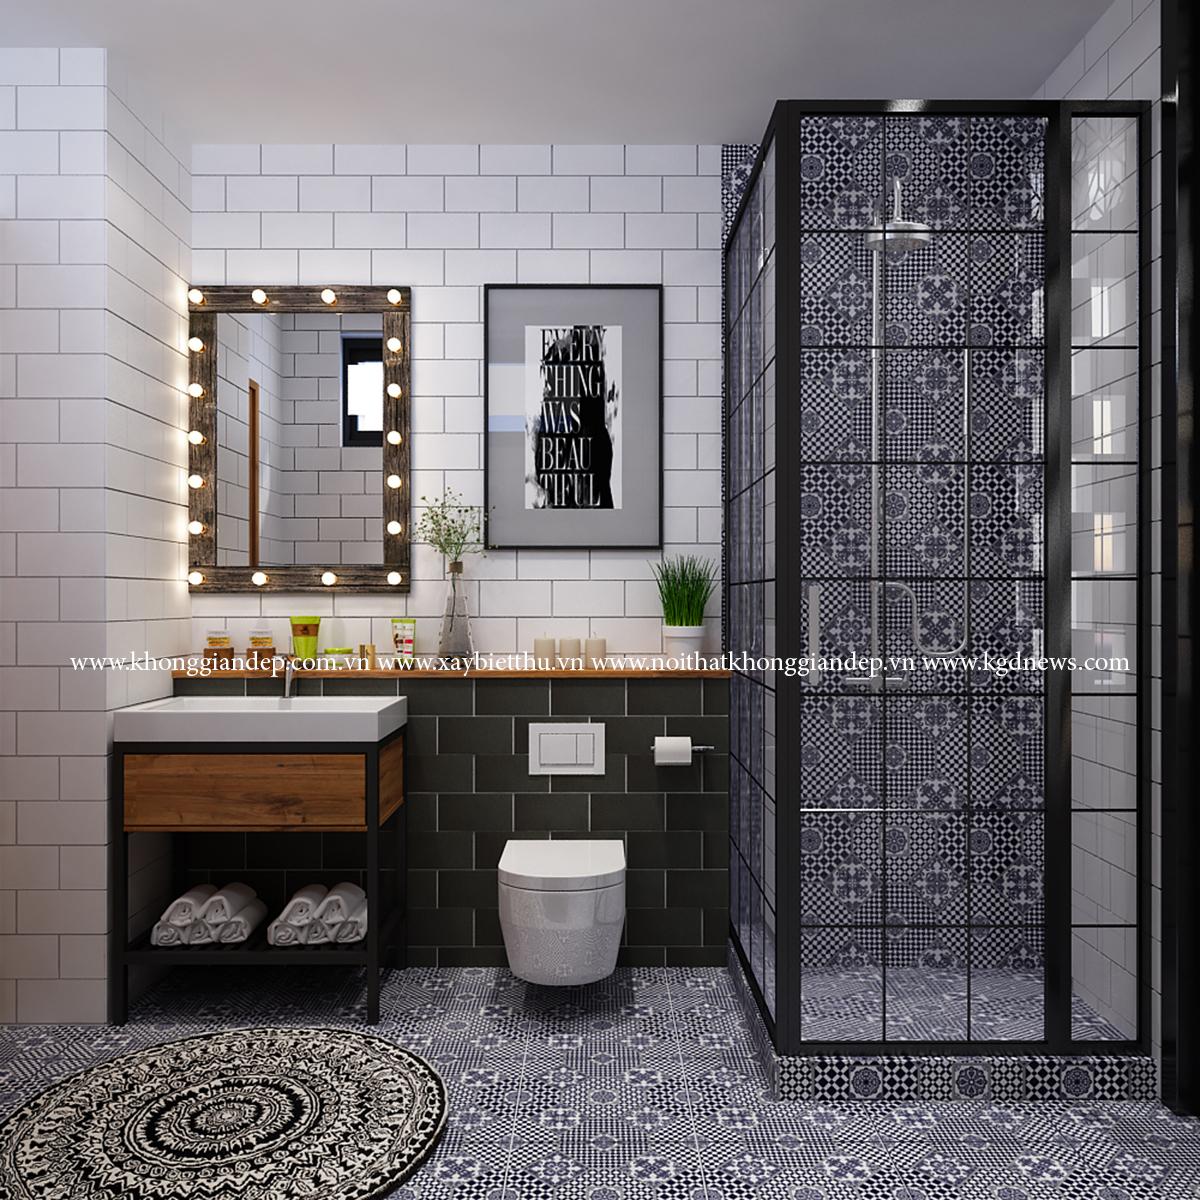 Trang trí bằng Gạch bông vân cổ điển cho phòng vệ sinh sang trọng